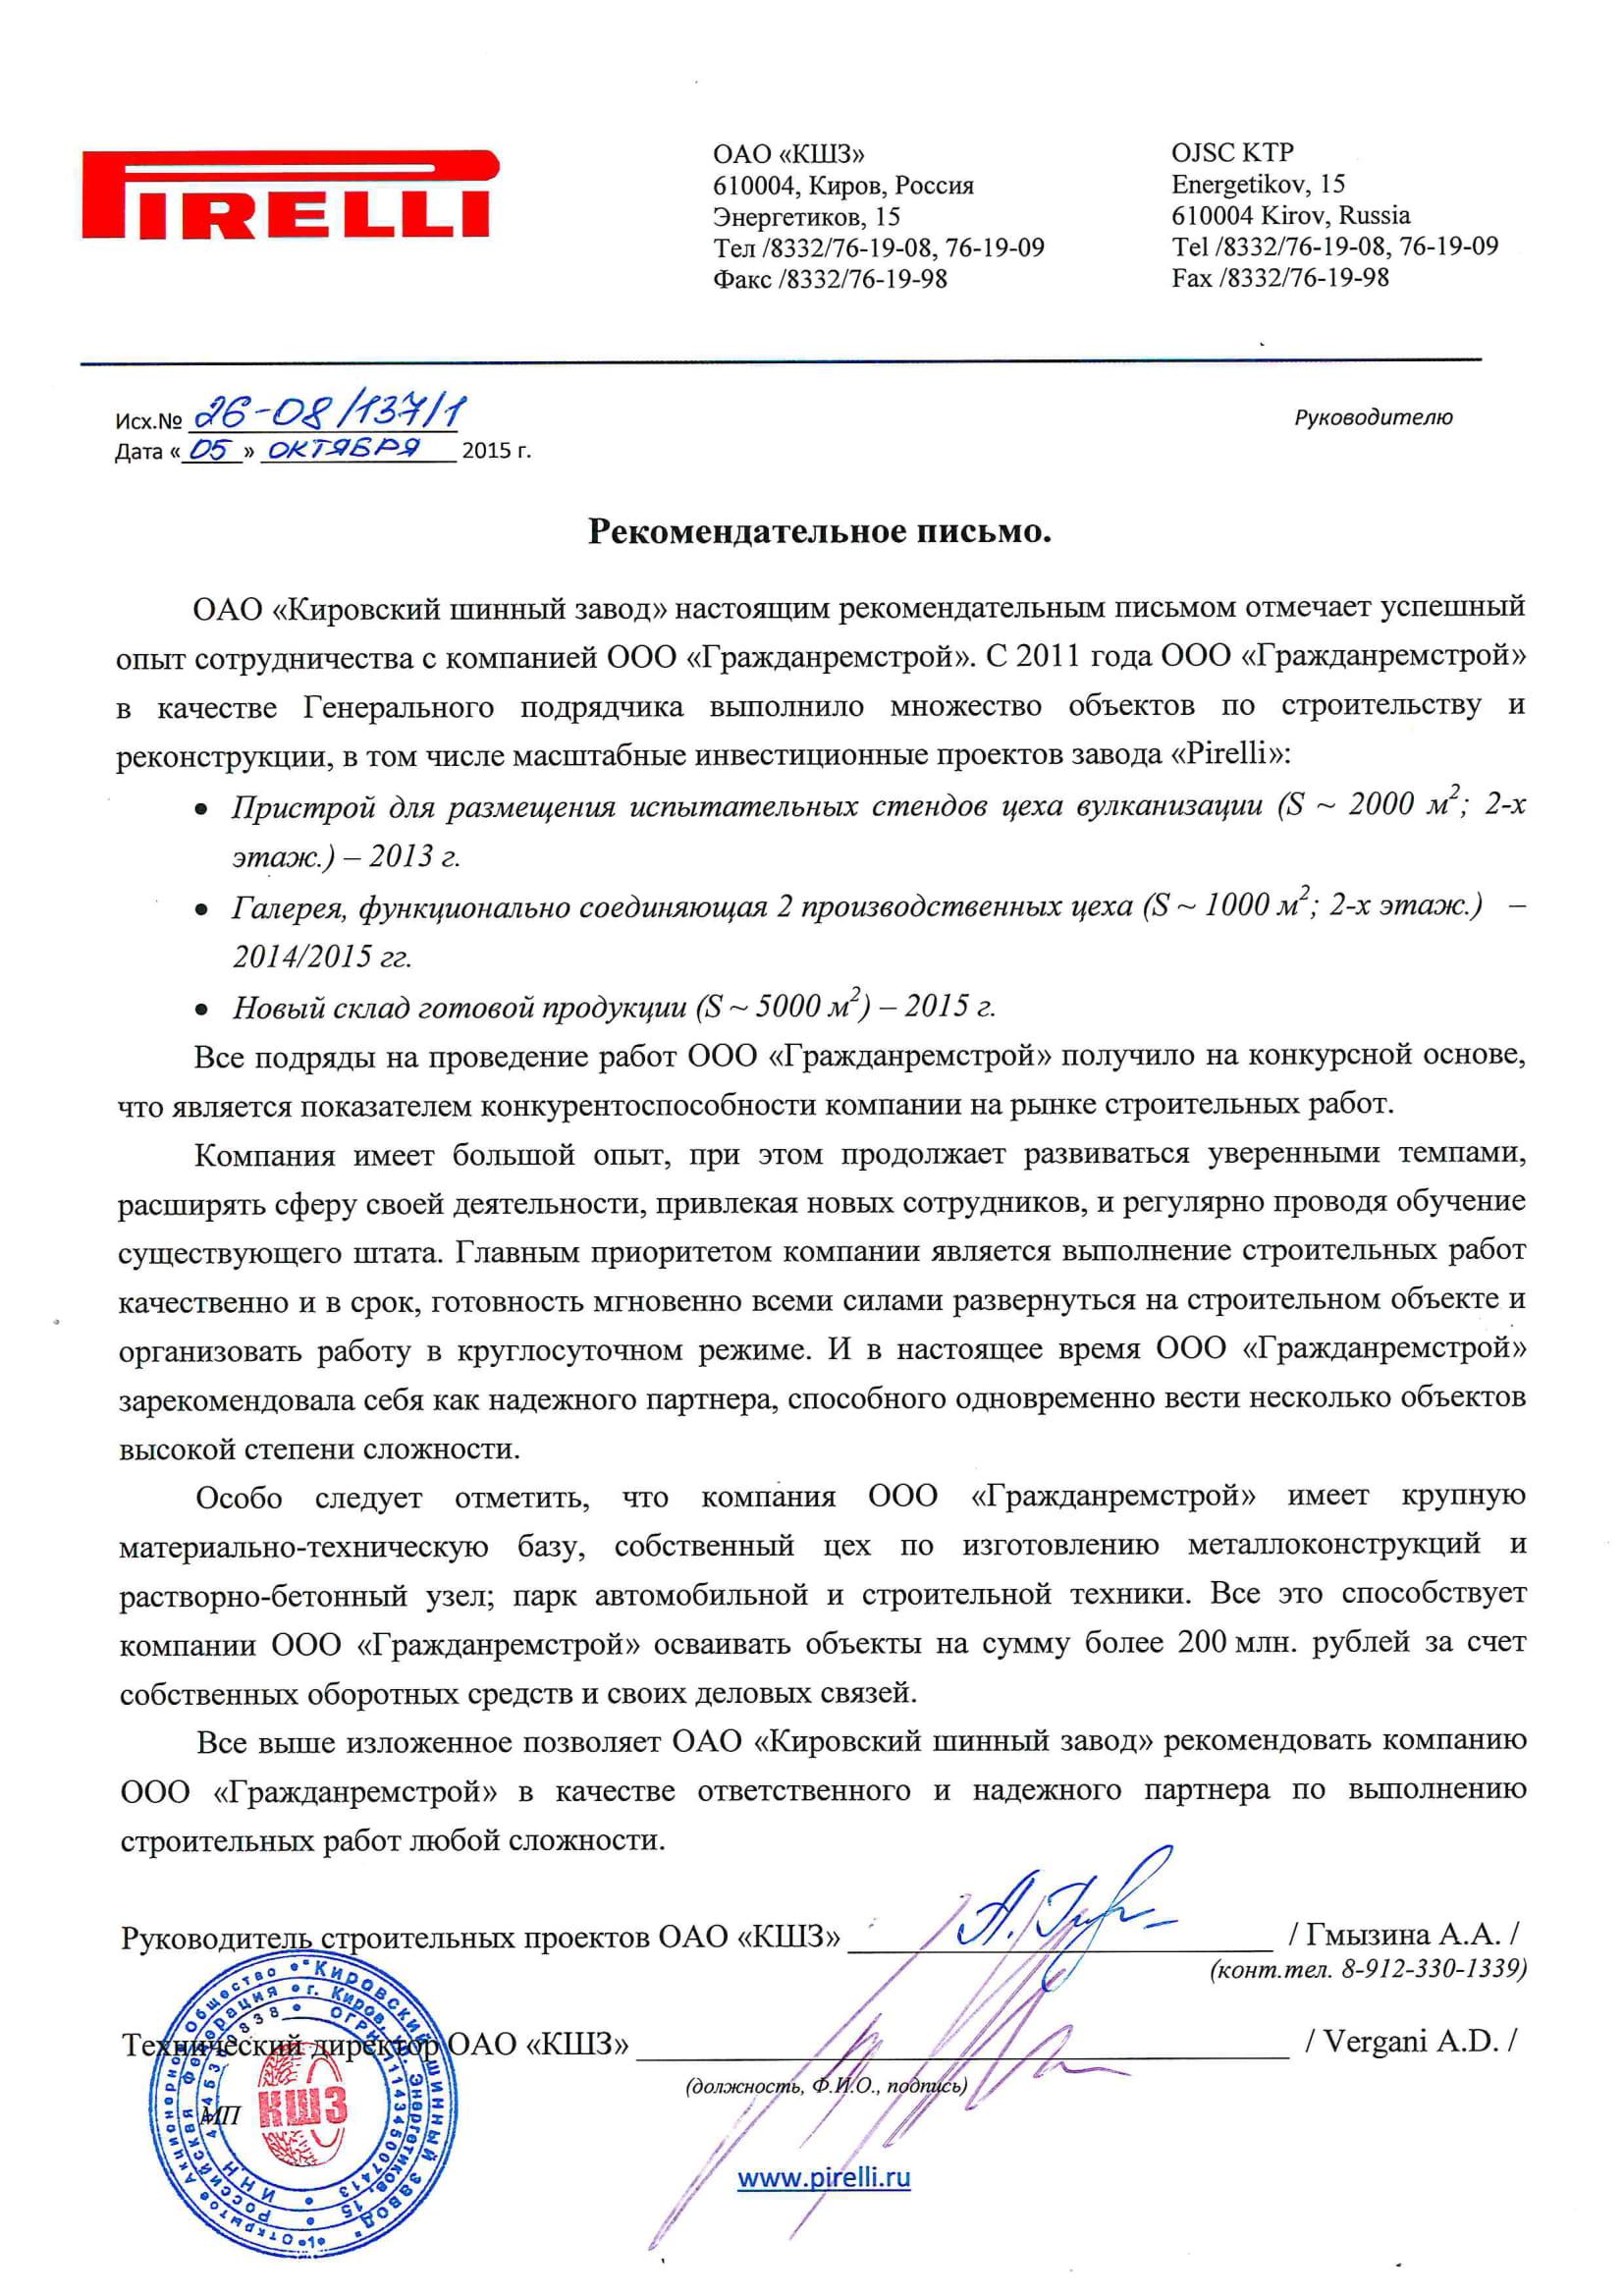 ОАО Кировский шинный завод, рекомендательное письмо